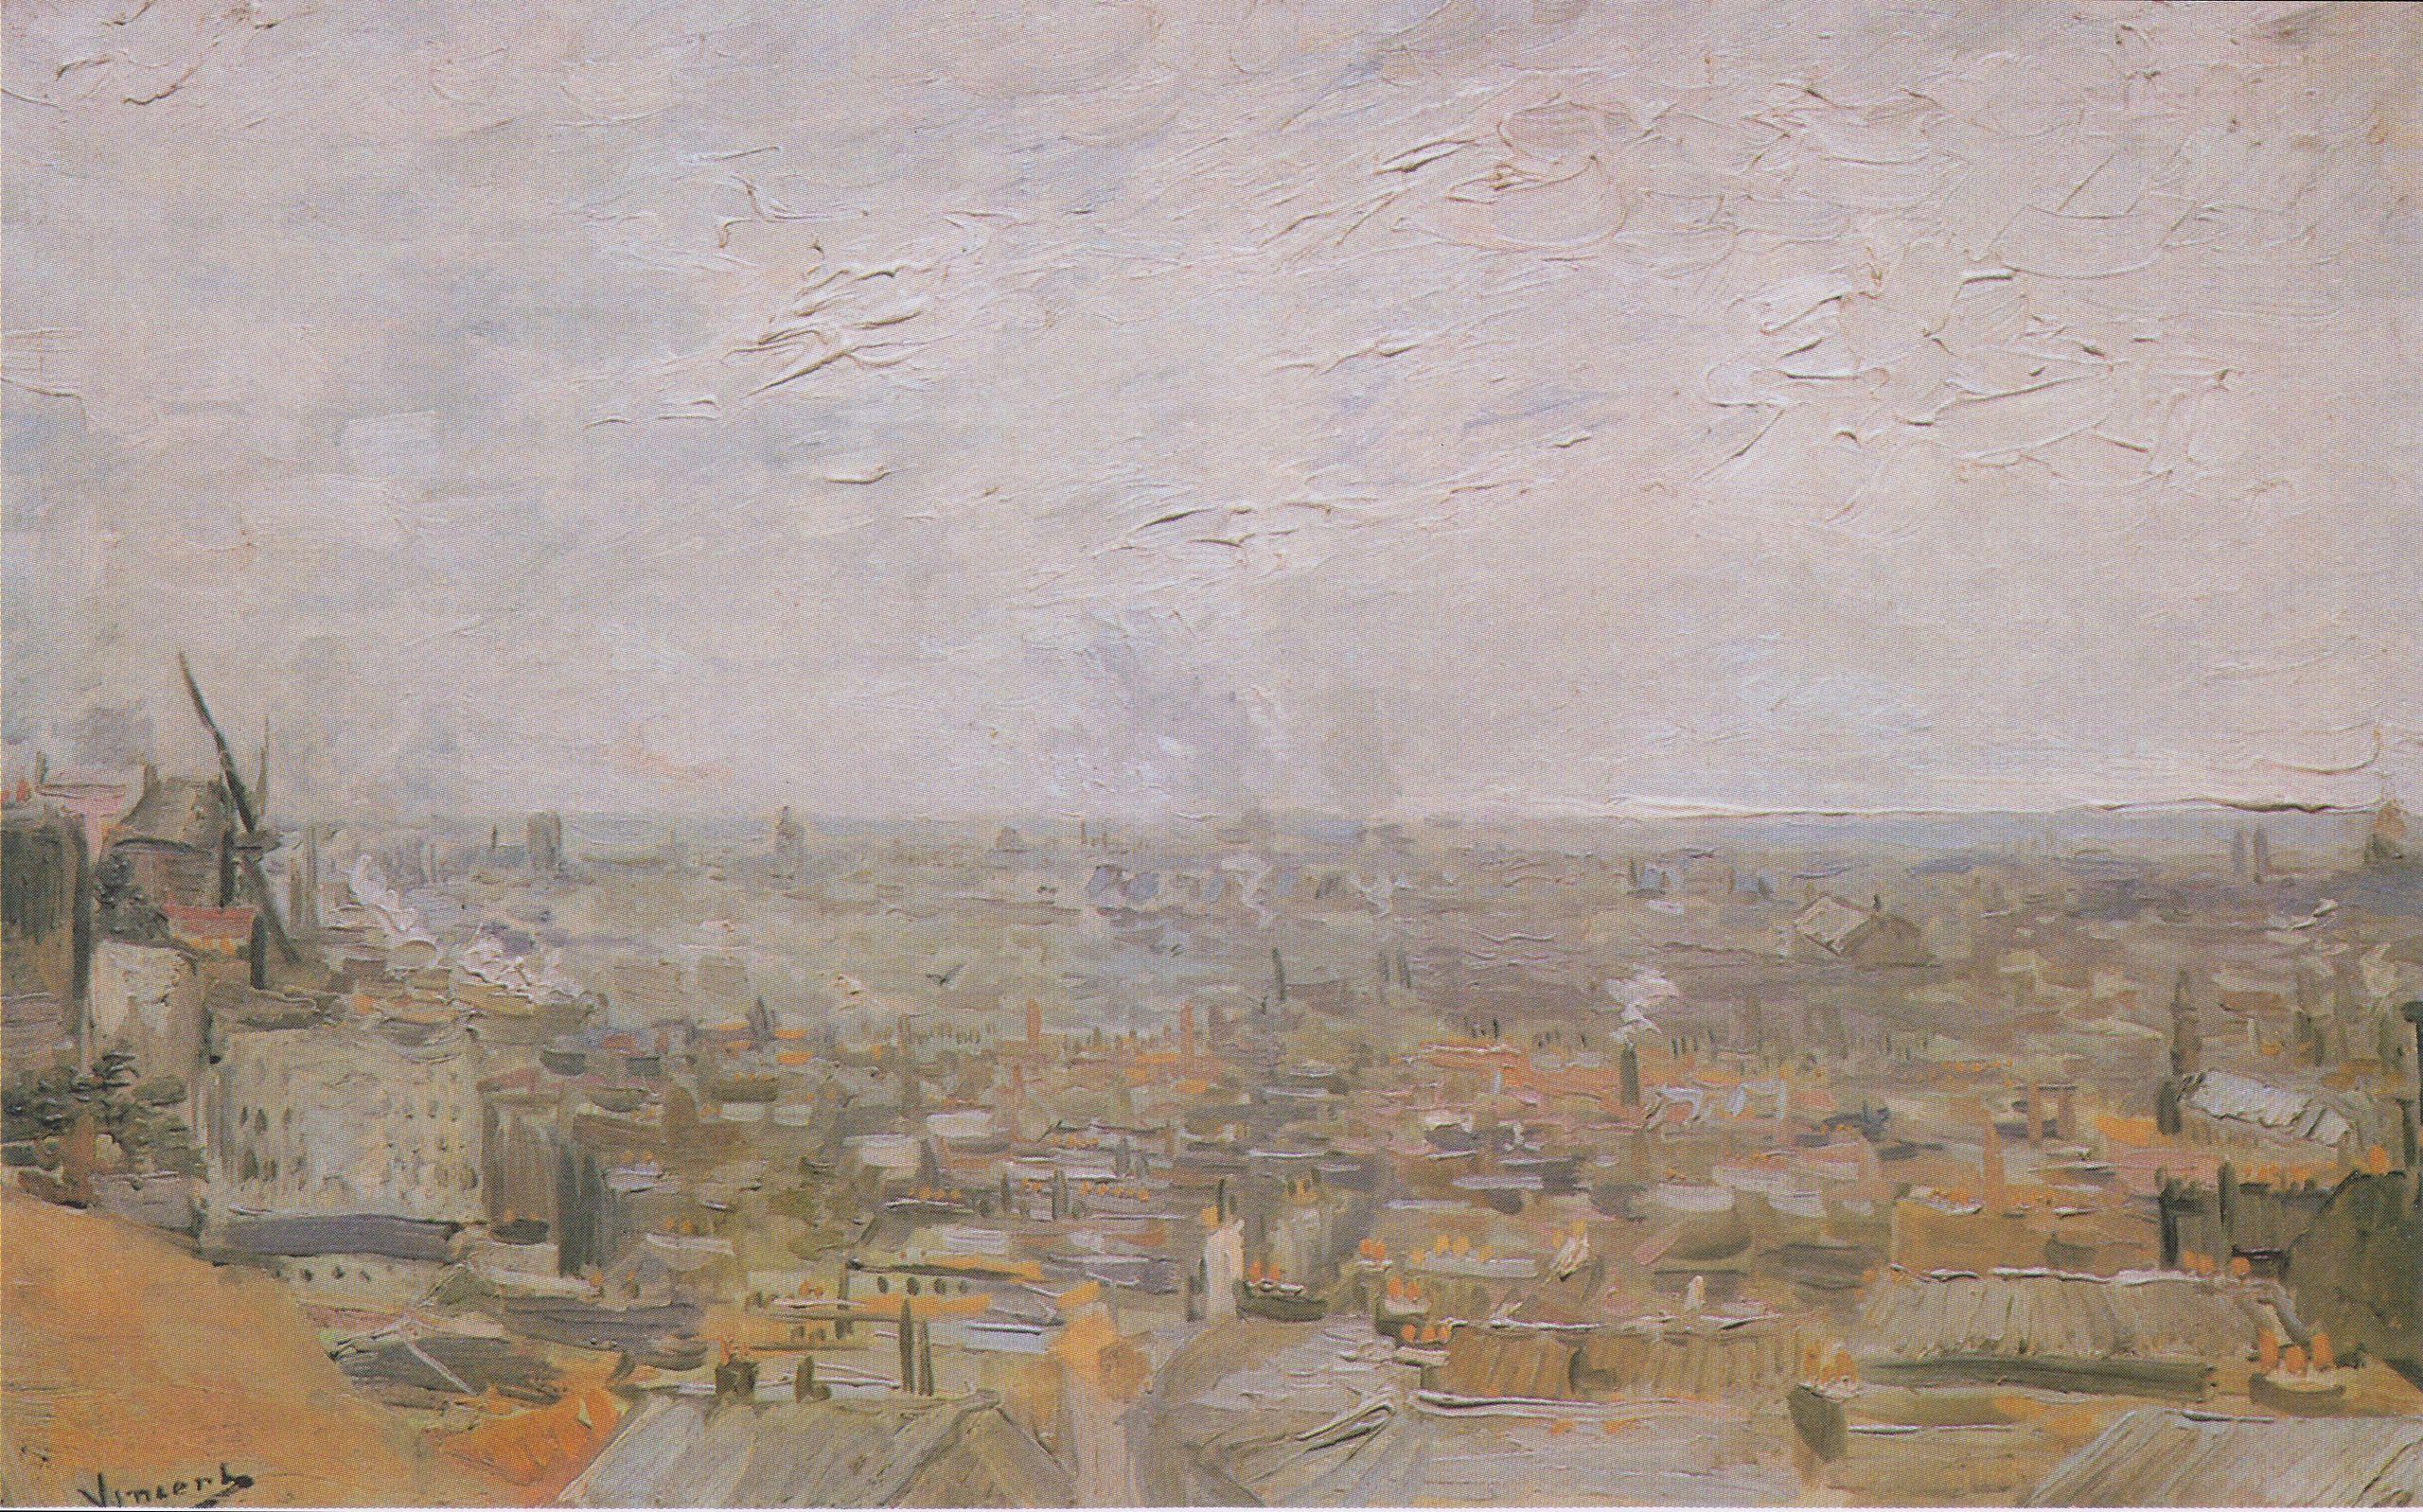 Van Gogh - View of Paris from Montmartre 1886